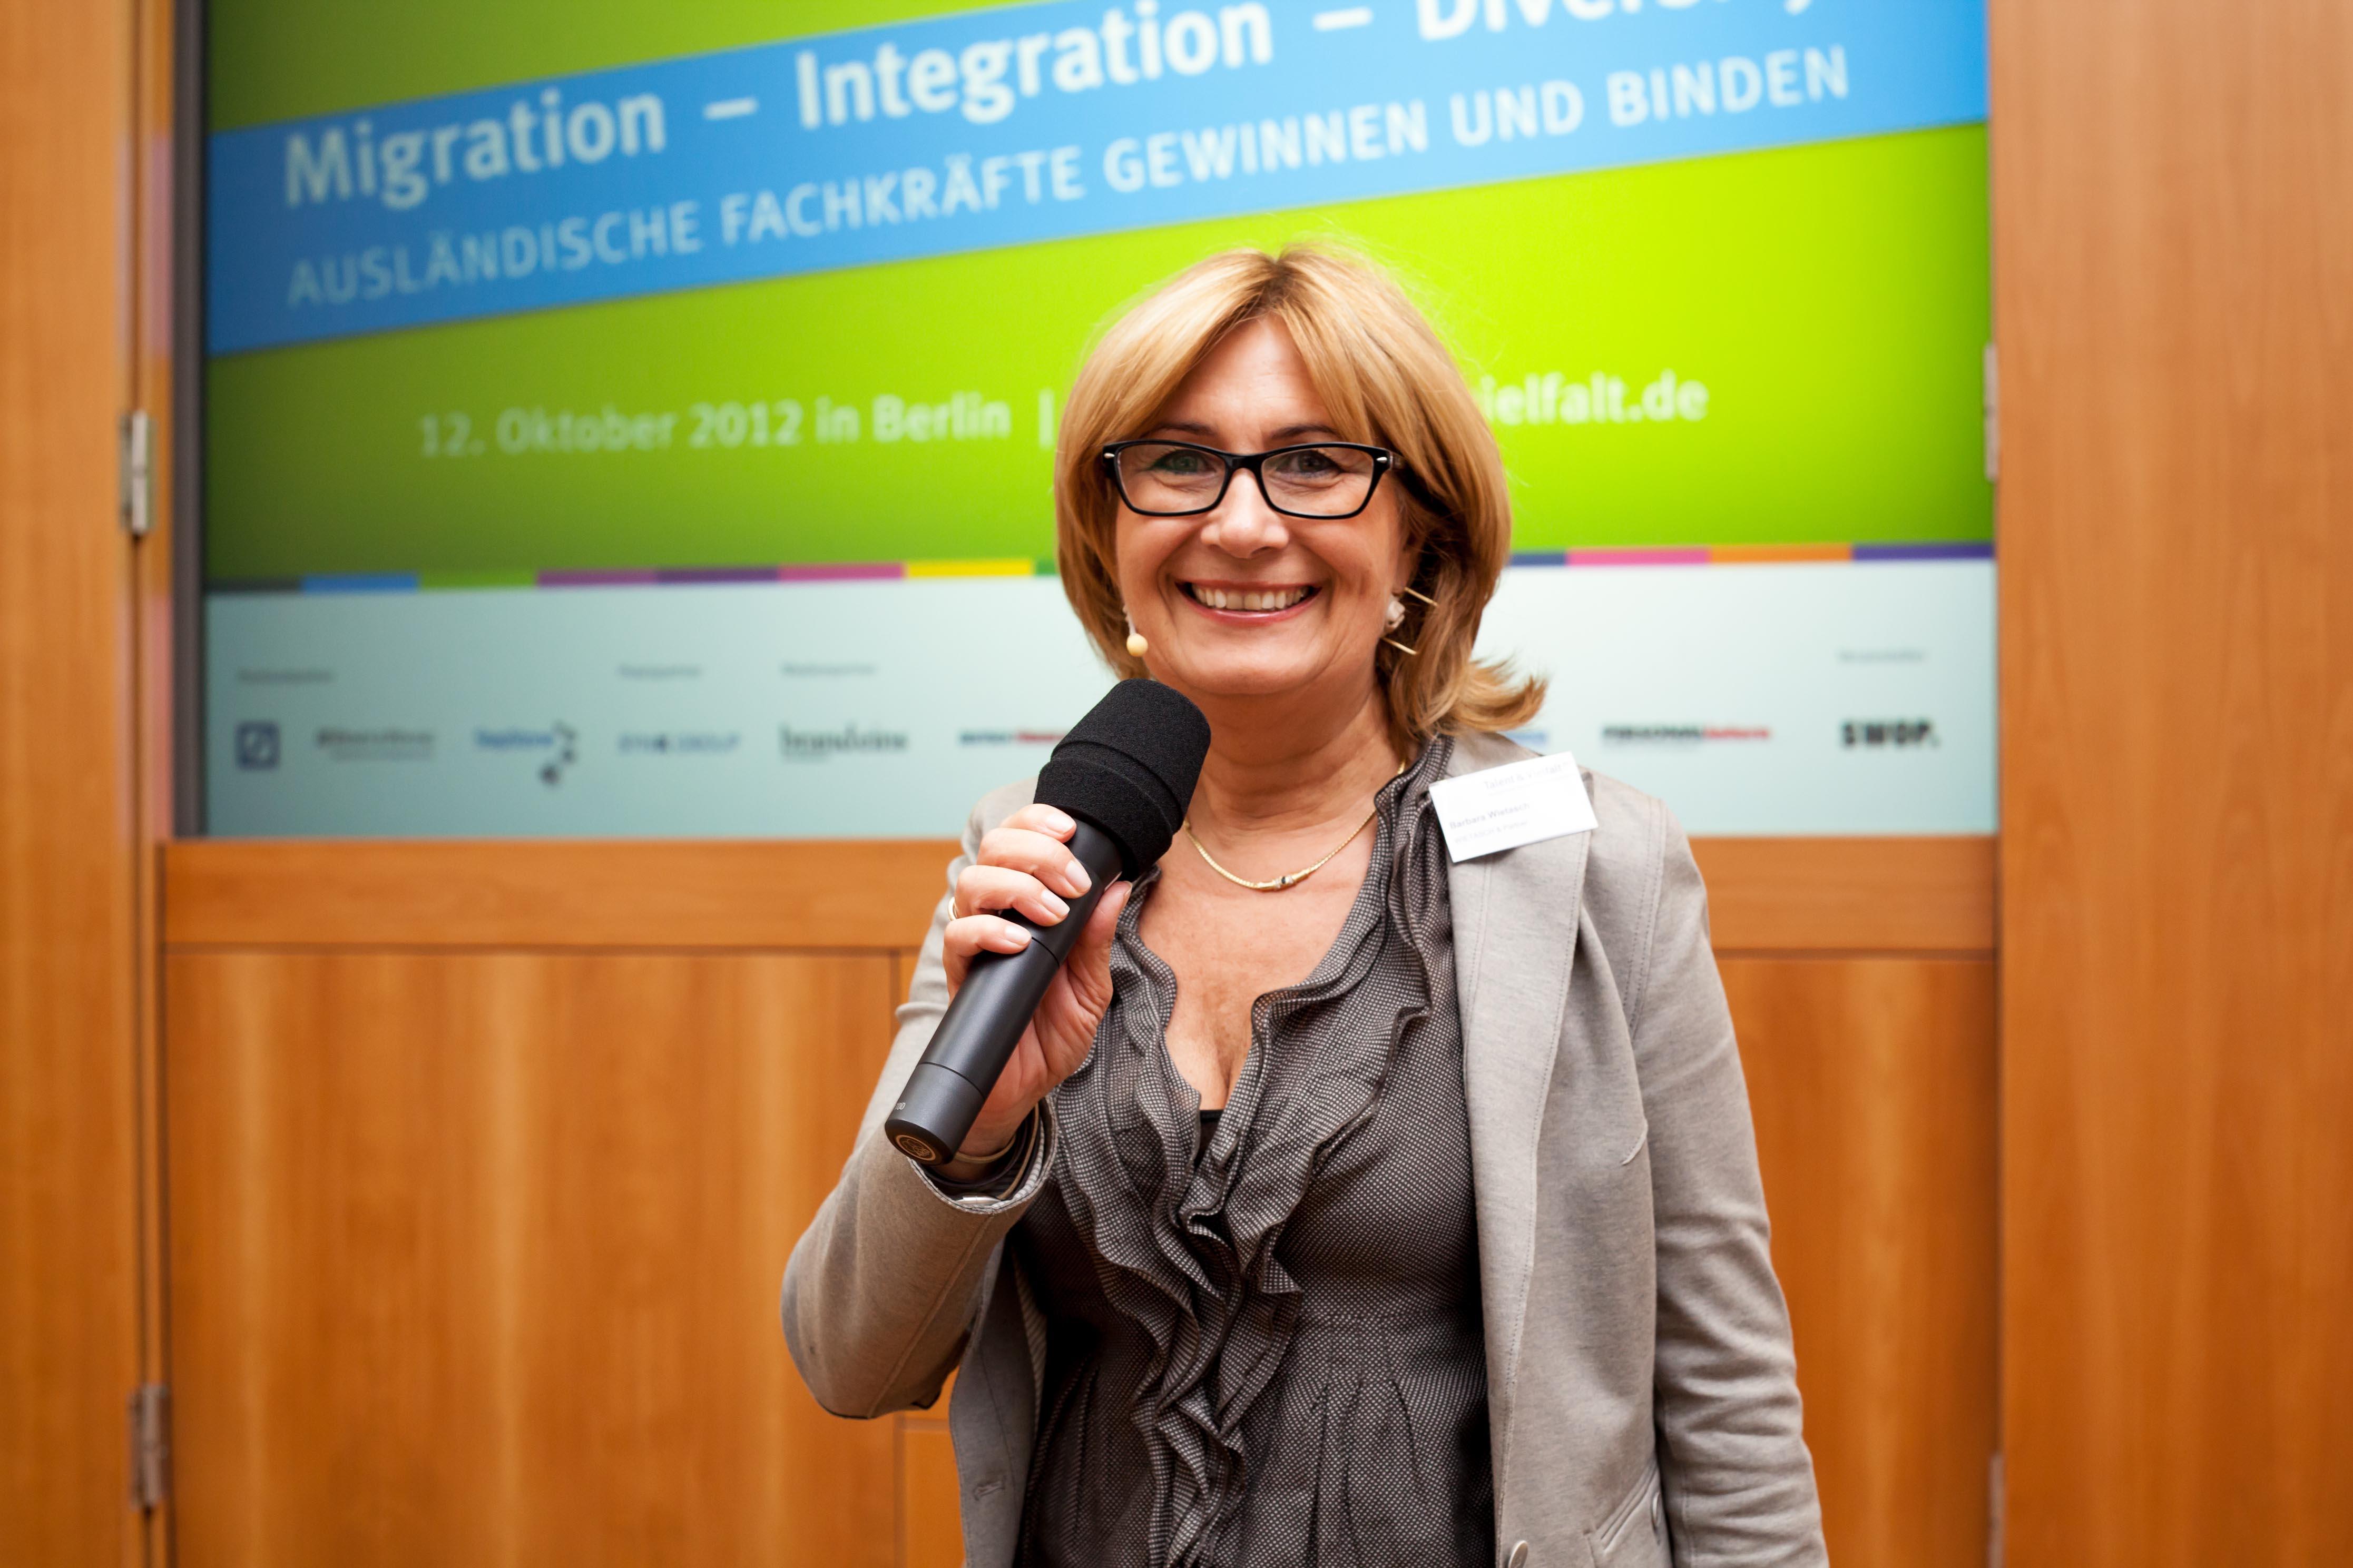 Barbara Wietasch